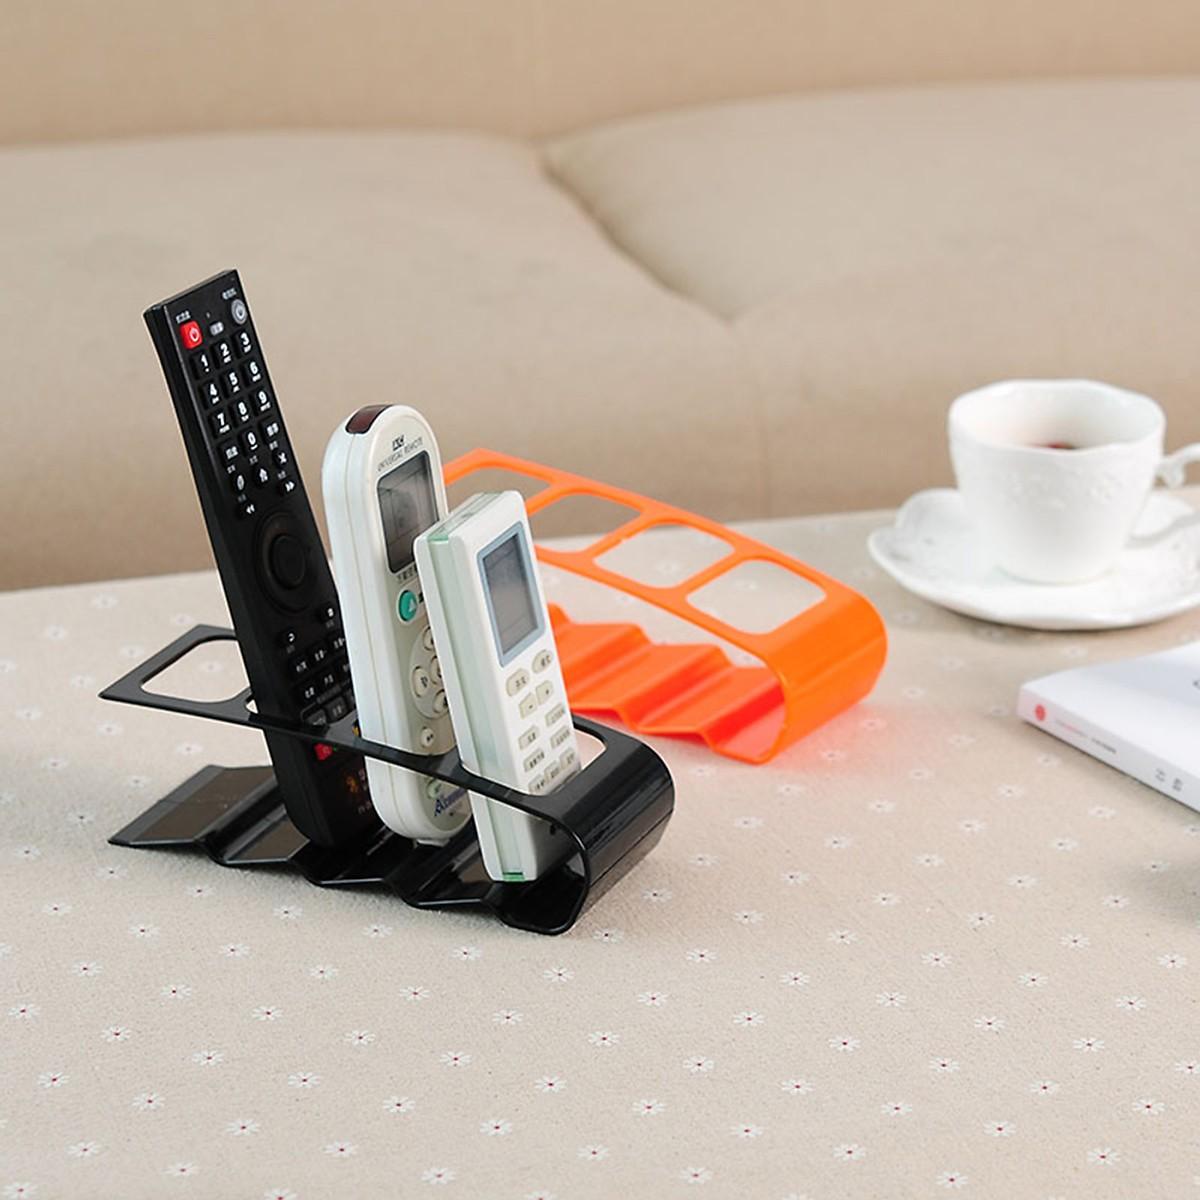 Giá Đỡ Remote 4 ngăn Để Bàn cao cấp (Giao màu ngẫu nhiên) - Hàng nhập khẩu